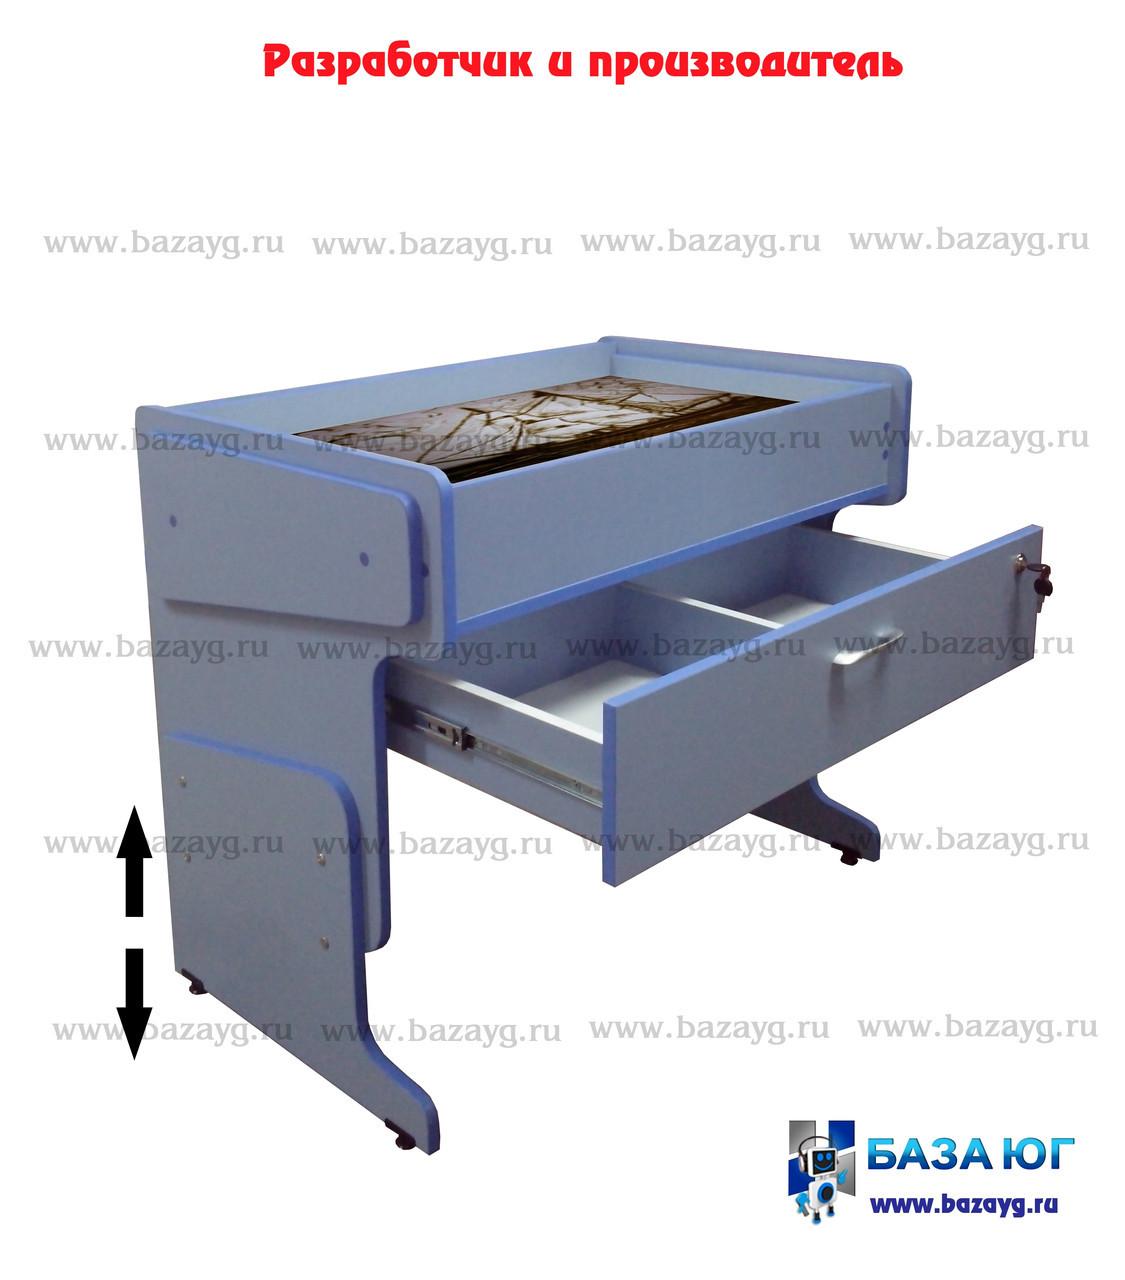 Стол для песочной анимации регулируемый с подсветкой